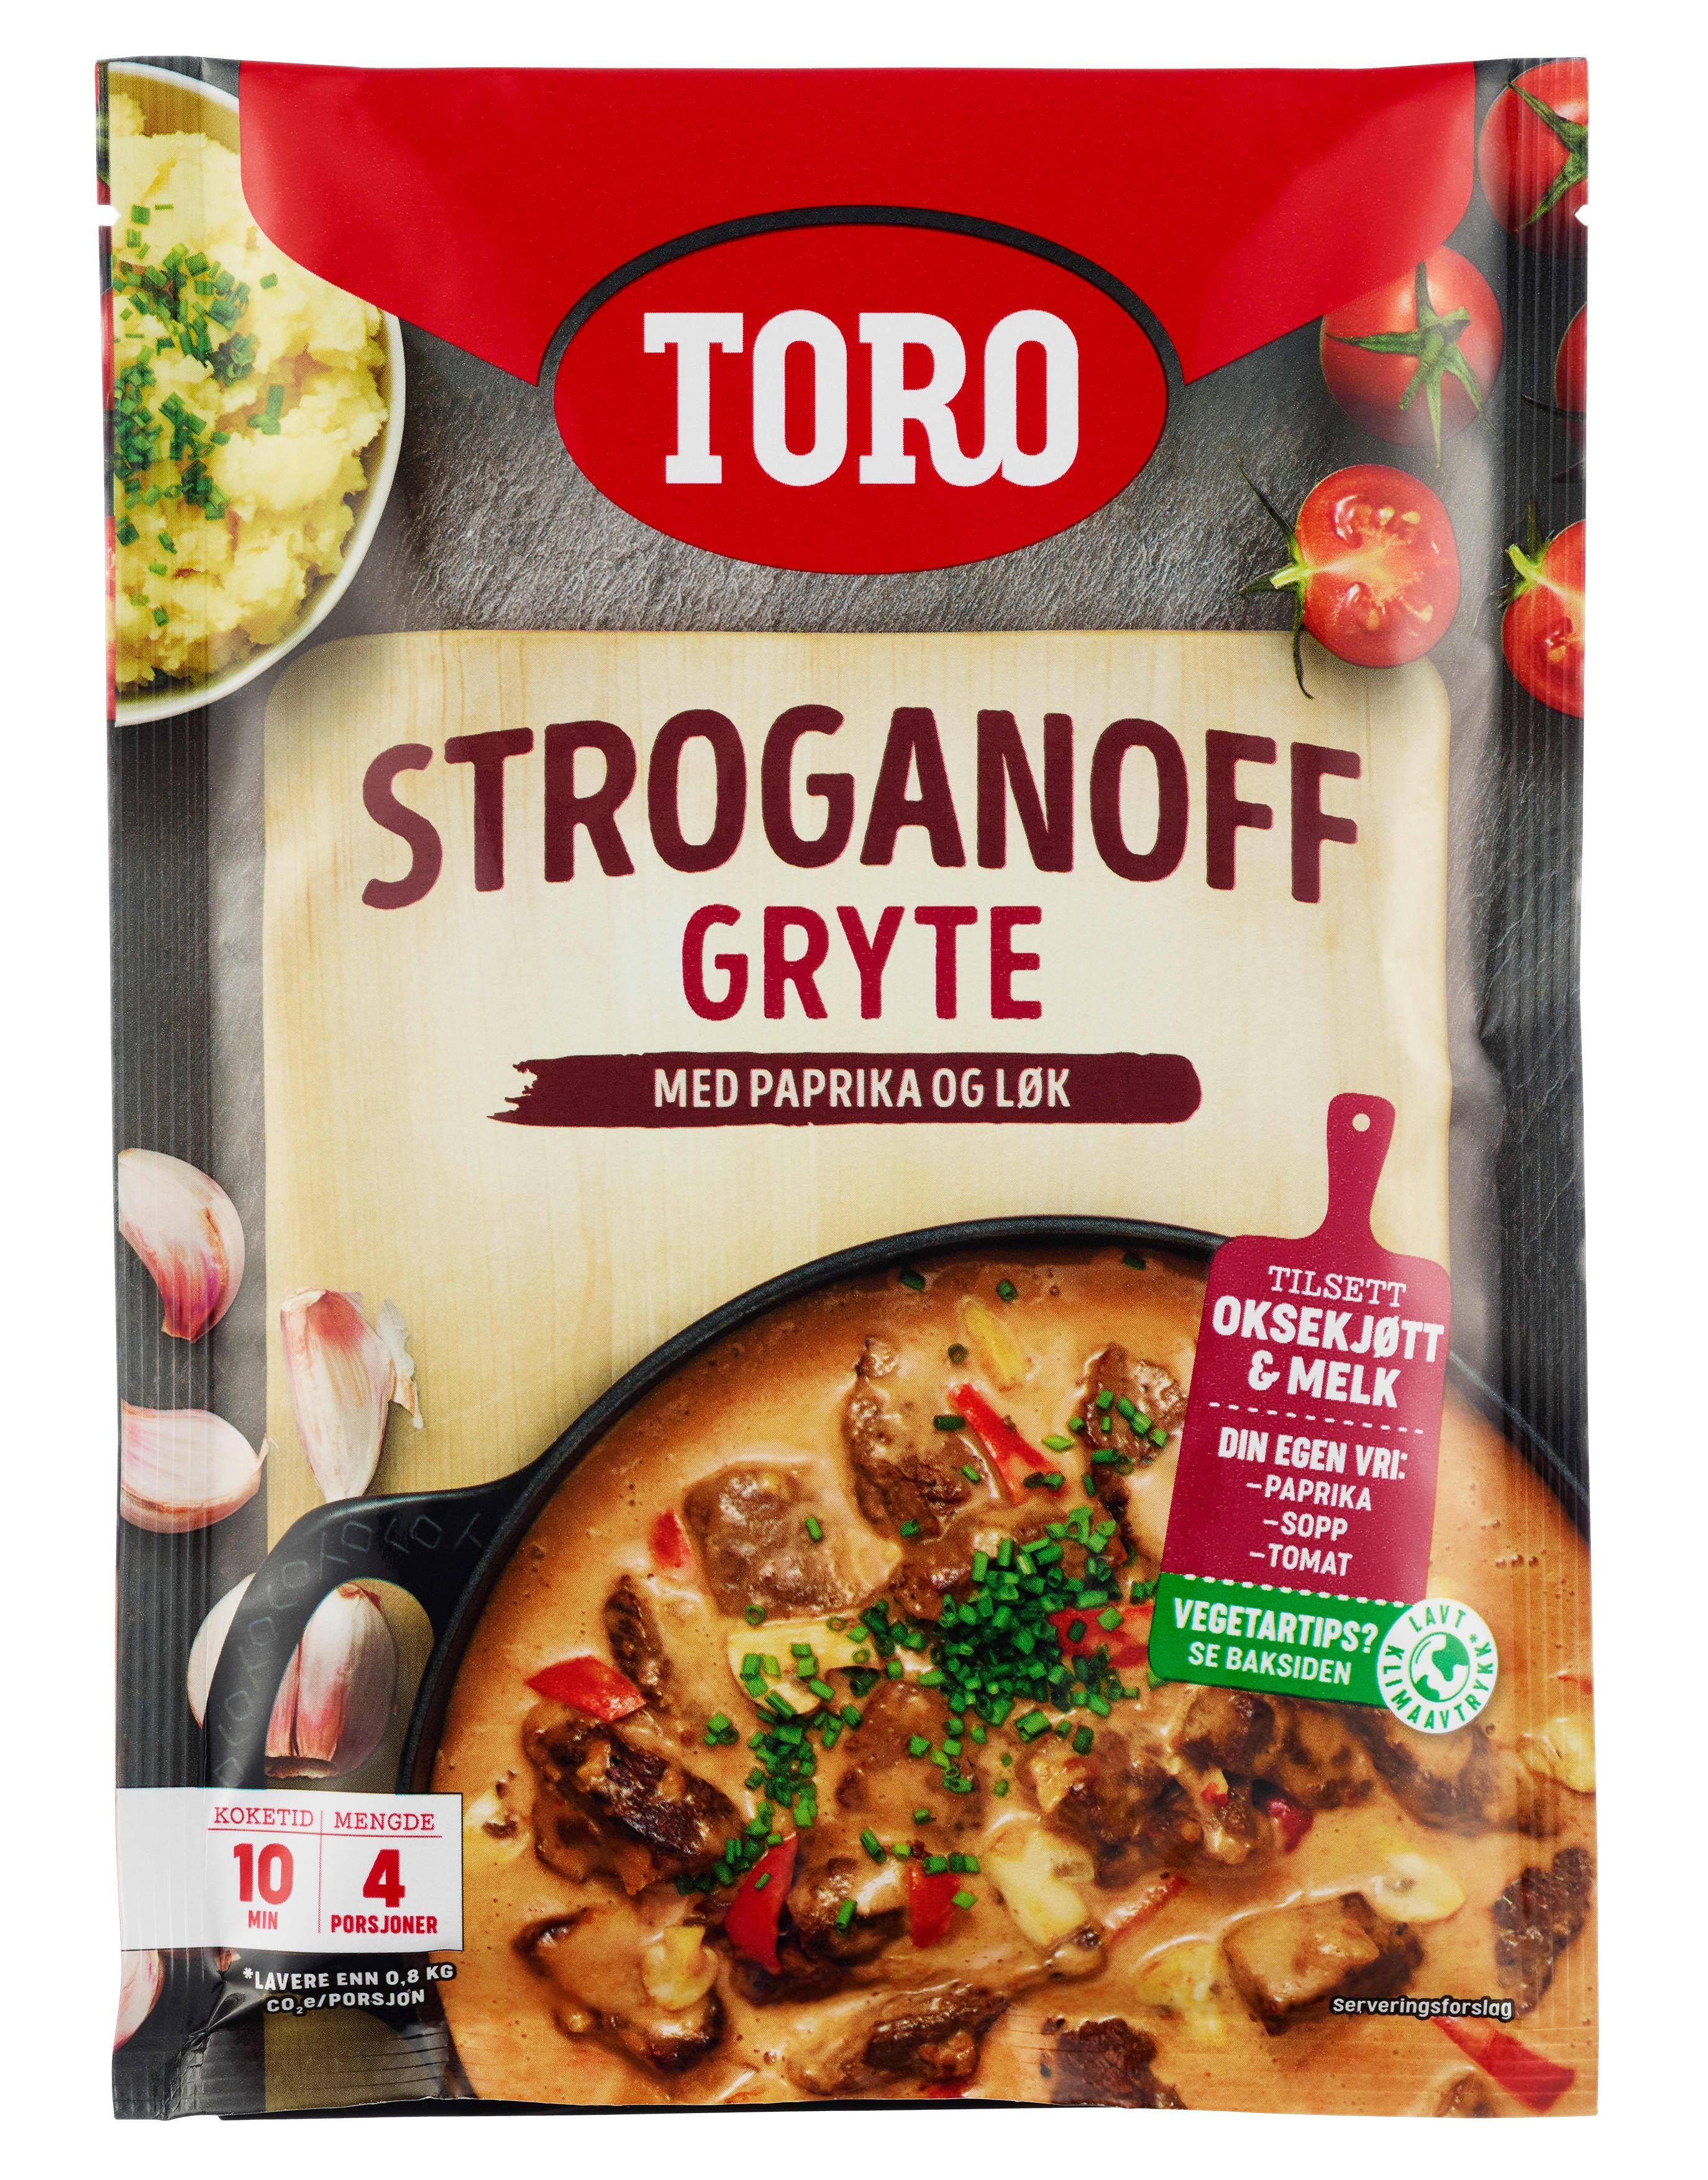 TORO Stroganoff gryte